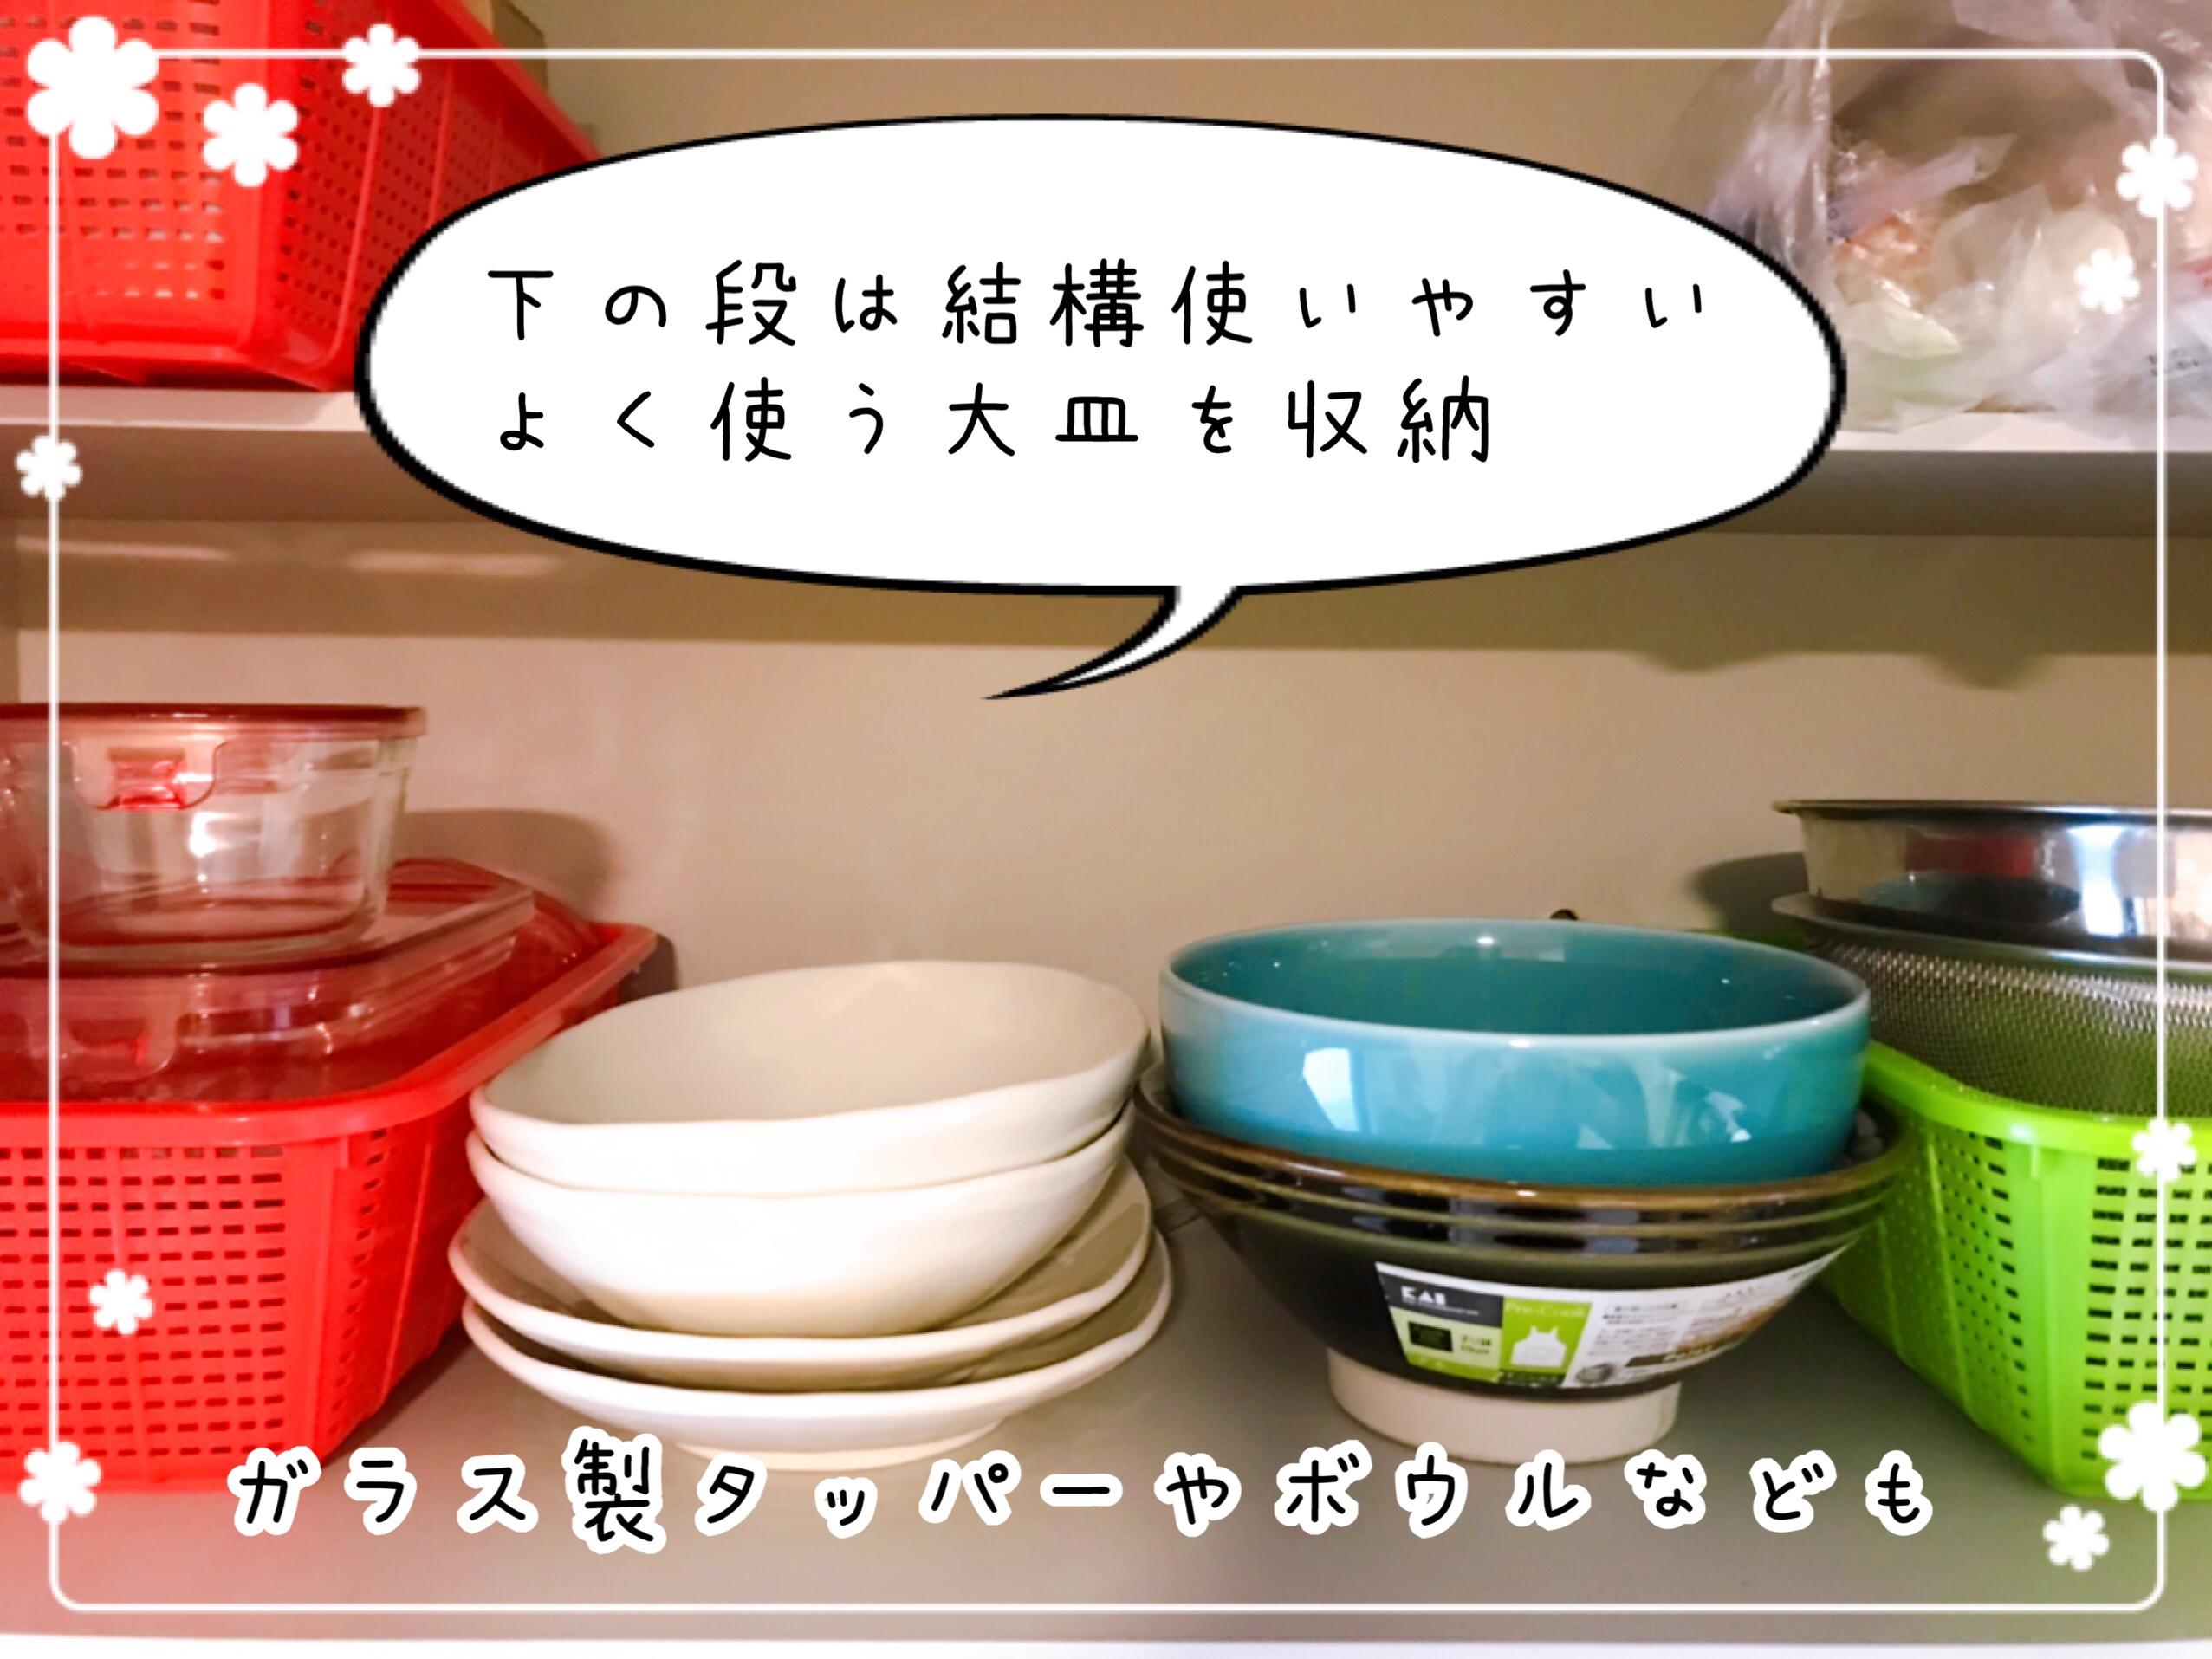 食器断捨離 キッチンの片付け